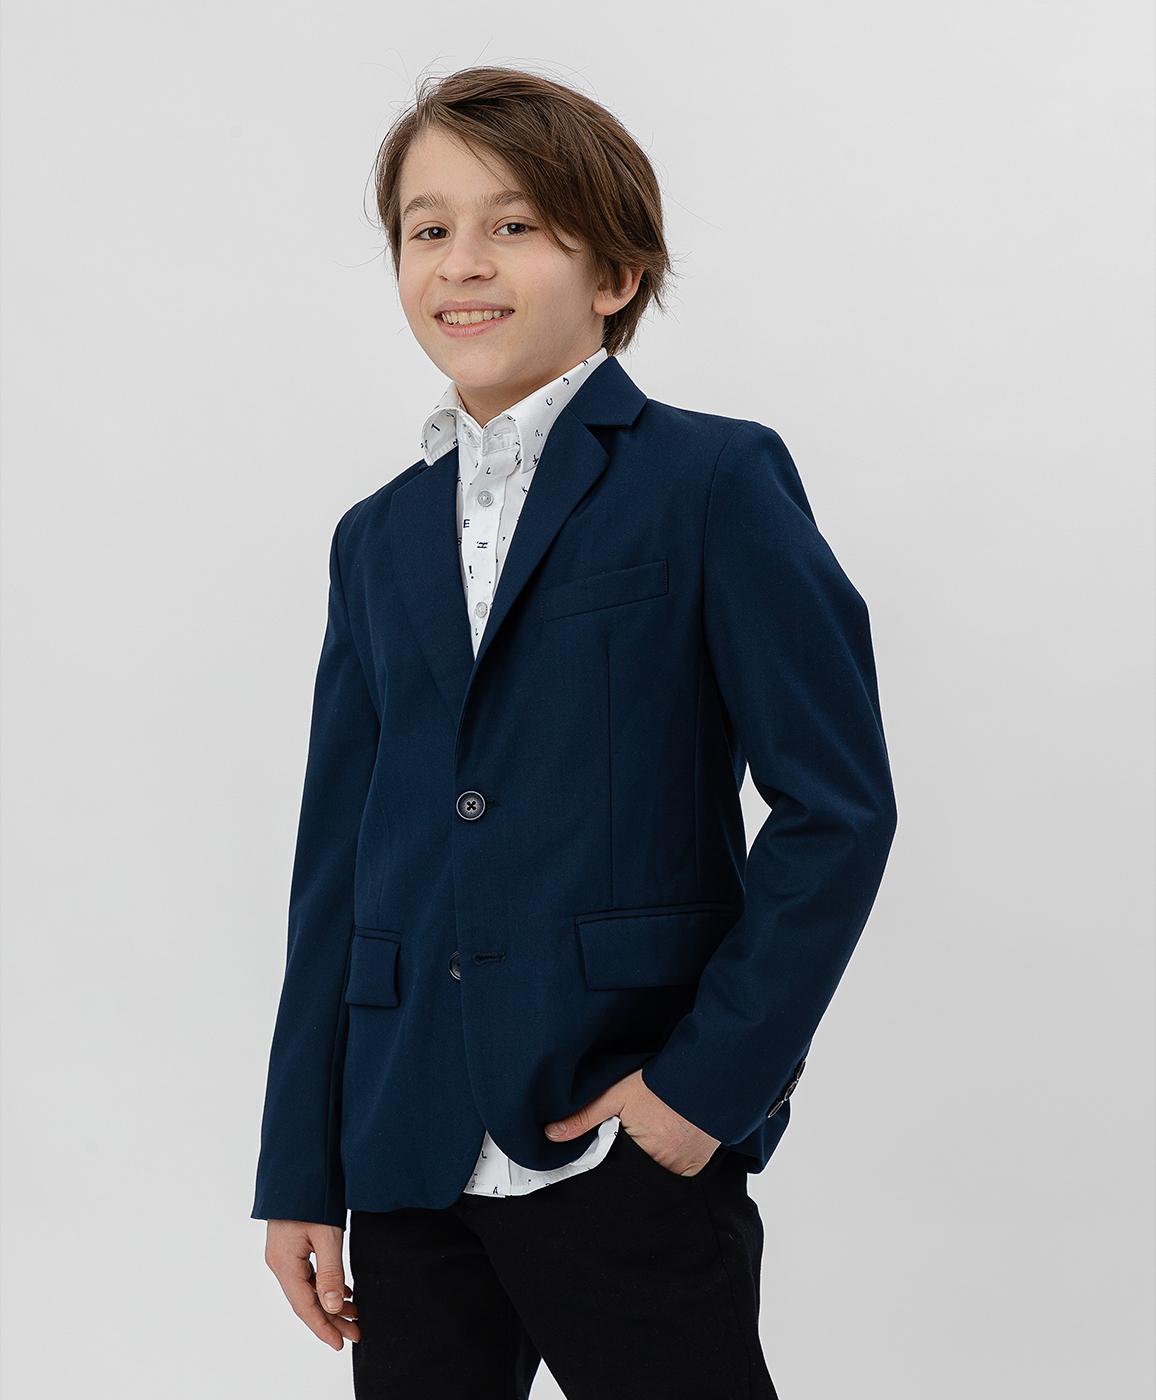 Купить 220BBBS48011000, Синий пиджак Button Blue, синий, 152, Текстиль, Мужской, Демисезон, ШКОЛЬНАЯ ФОРМА 2020-2021 (shop: GulliverMarket Gulliver Market)